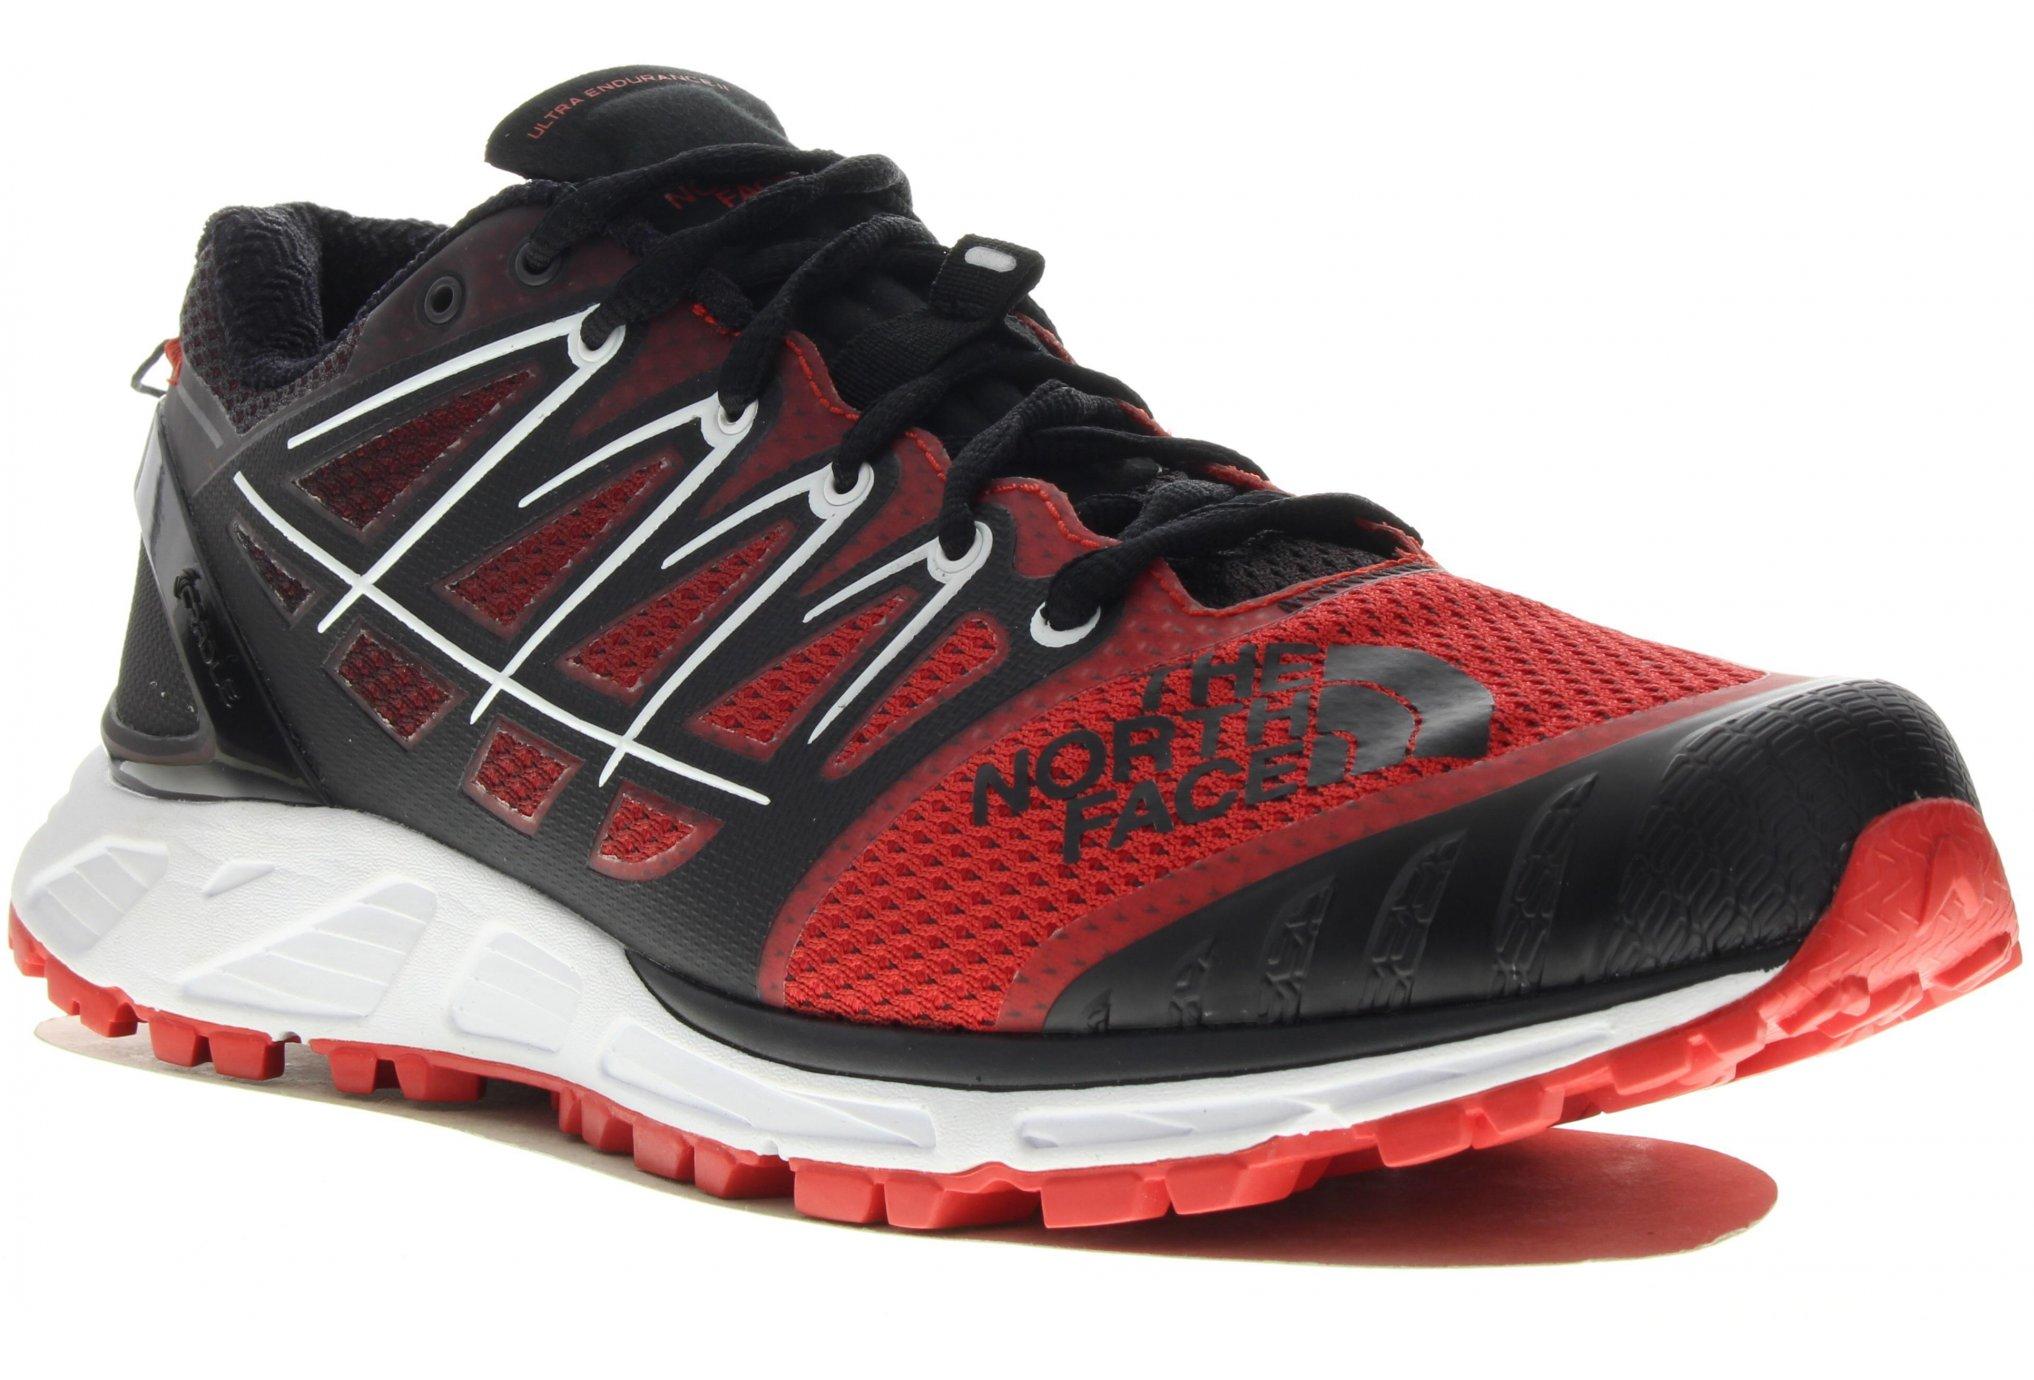 The North Face Ultra Endurance II M Diététique Chaussures homme